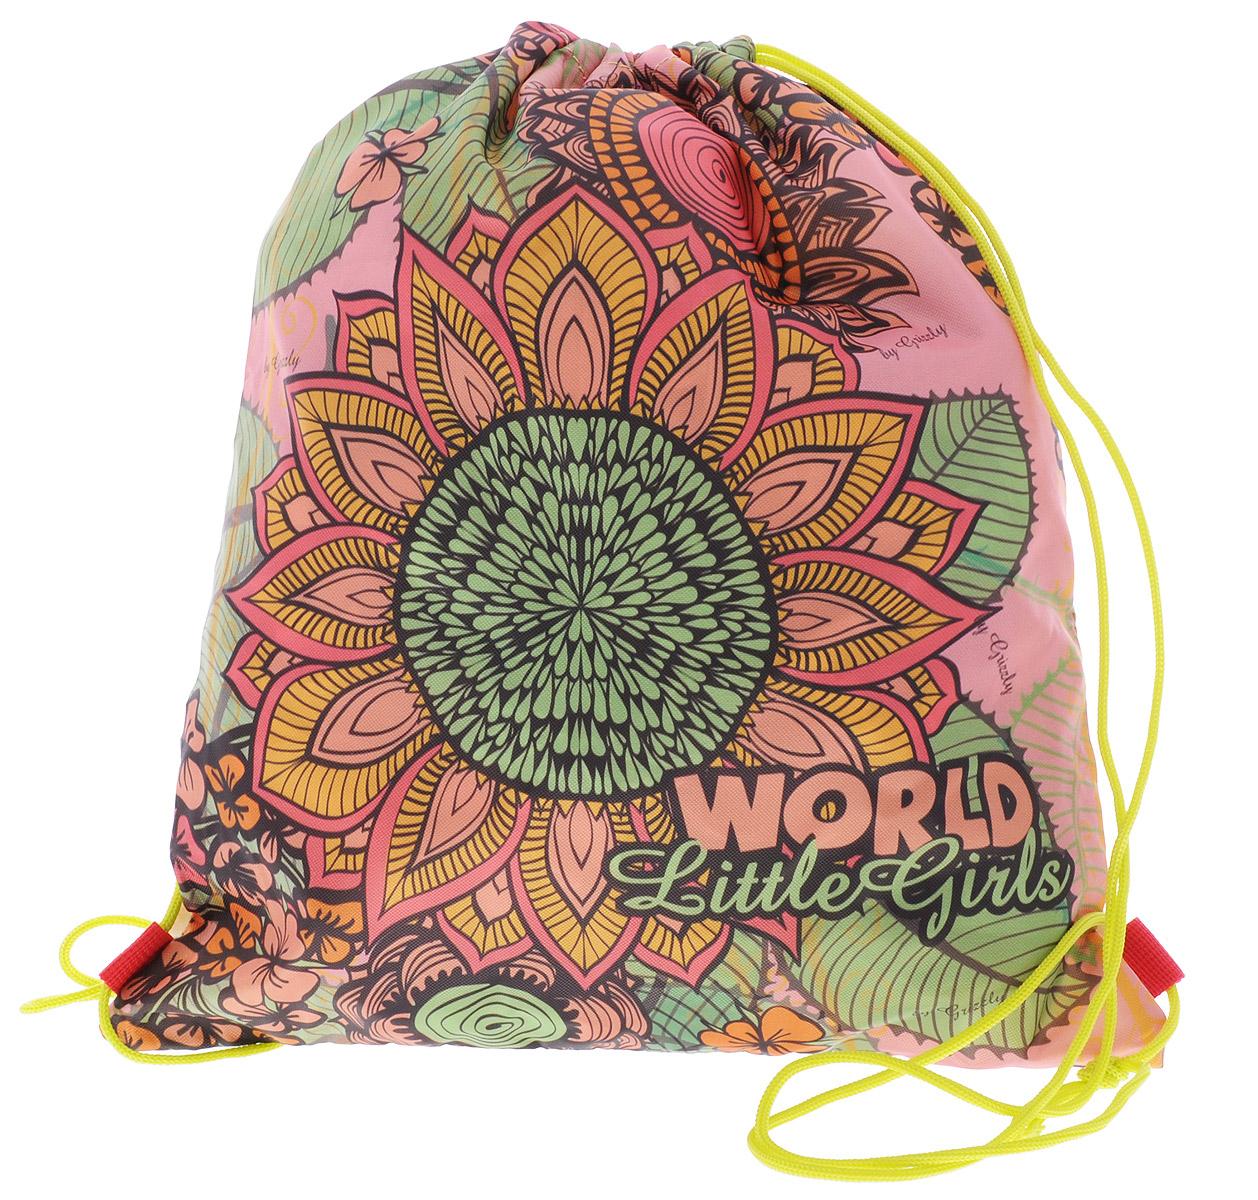 Grizzly Мешок для обуви World Little Girls цвет бежевый розовый зеленыйOM-676-4/1Мешок для обуви Grizzly World Little Girls идеально подойдет как для хранения, так и для переноски сменной обуви и одежды. Мешок изготовлен из ткани Оксфорд с водоотталкивающей пропиткой и содержит одно вместительное отделение, затягивающееся с помощью текстильных шнурков. Плотная прочная ткань надежно защитит сменную обувь и одежду школьника от непогоды, а удобные шнурки позволят носить мешок, как в руках, так и за спиной. Ваш ребенок с радостью будет ходить с таким аксессуаром в школу! Уход: протирать мыльным раствором (без хлора) при температуре не выше 30 градусов.